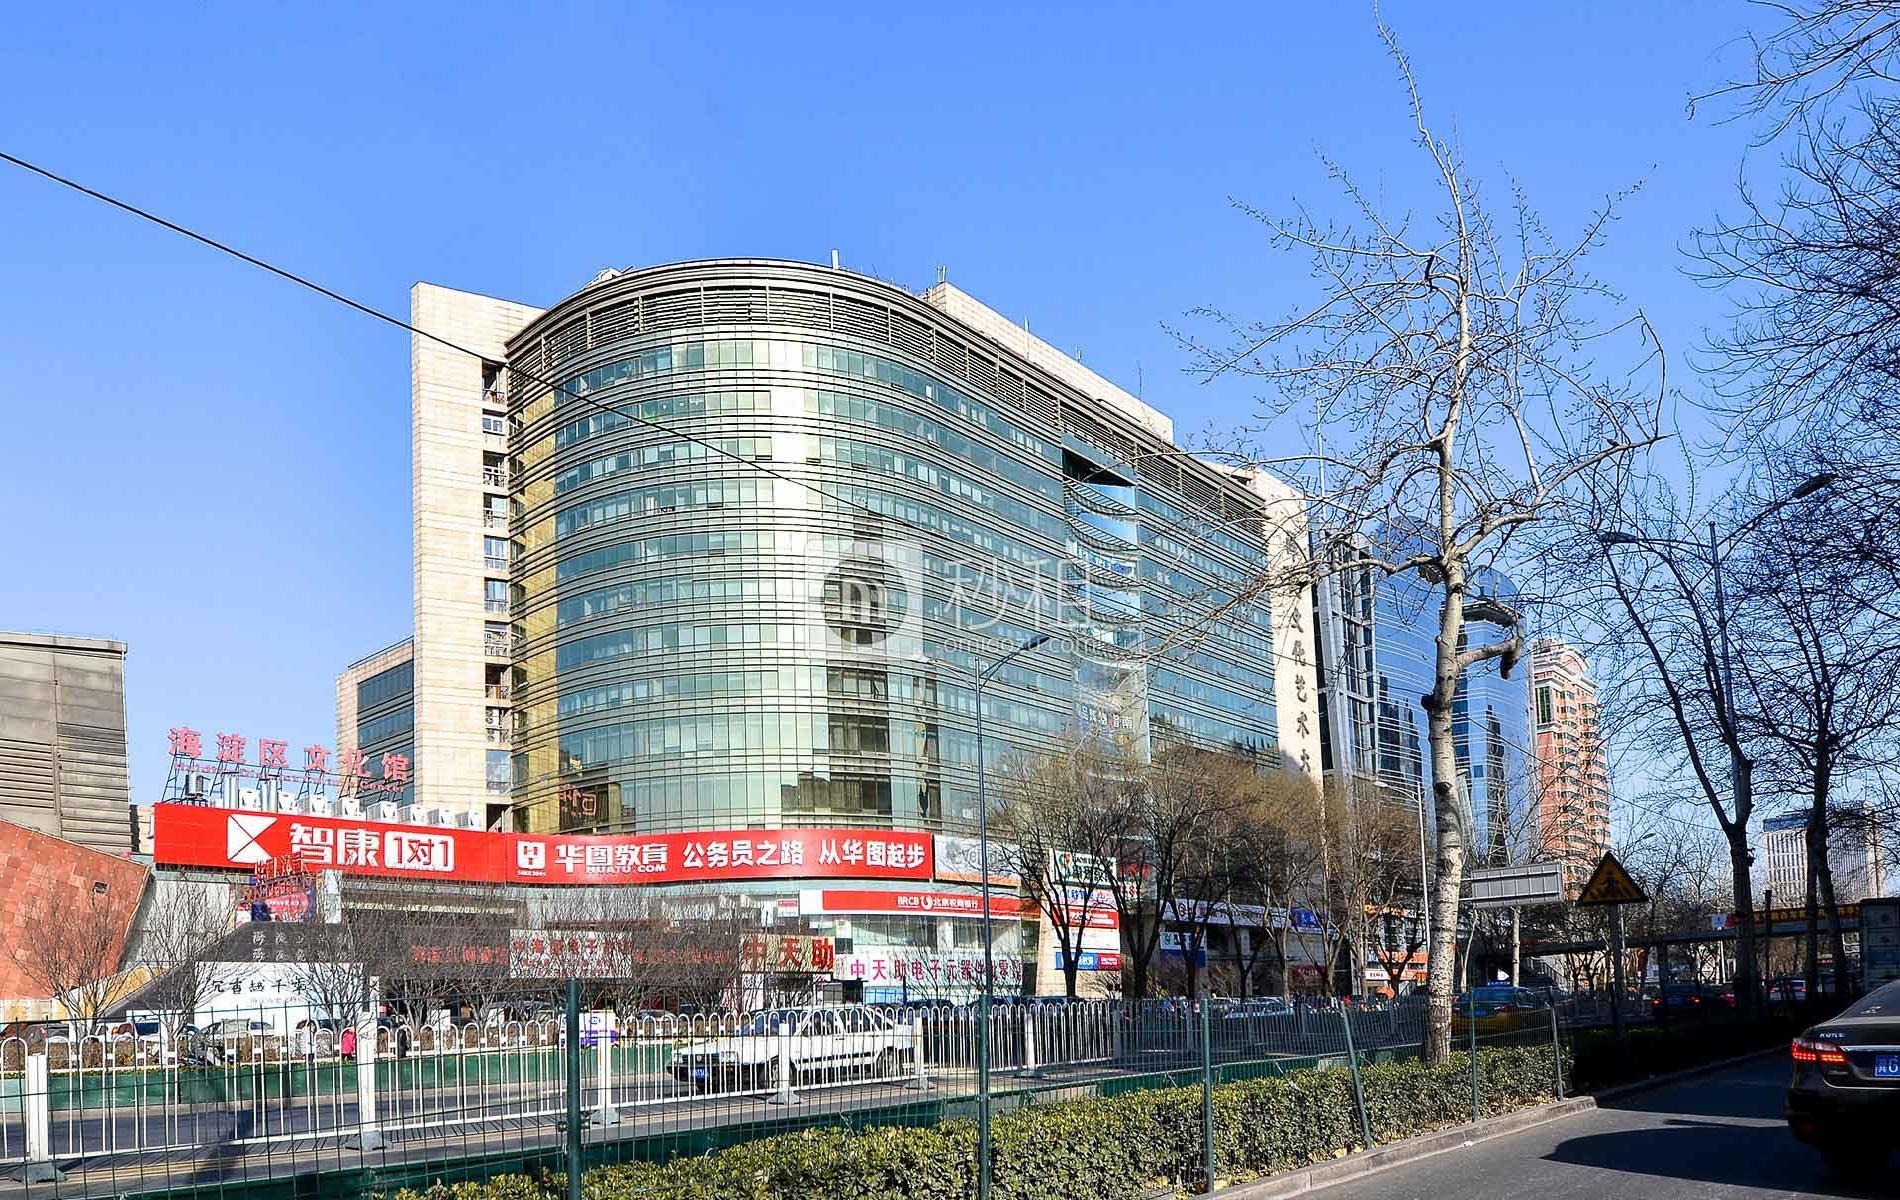 海淀文化艺术大厦